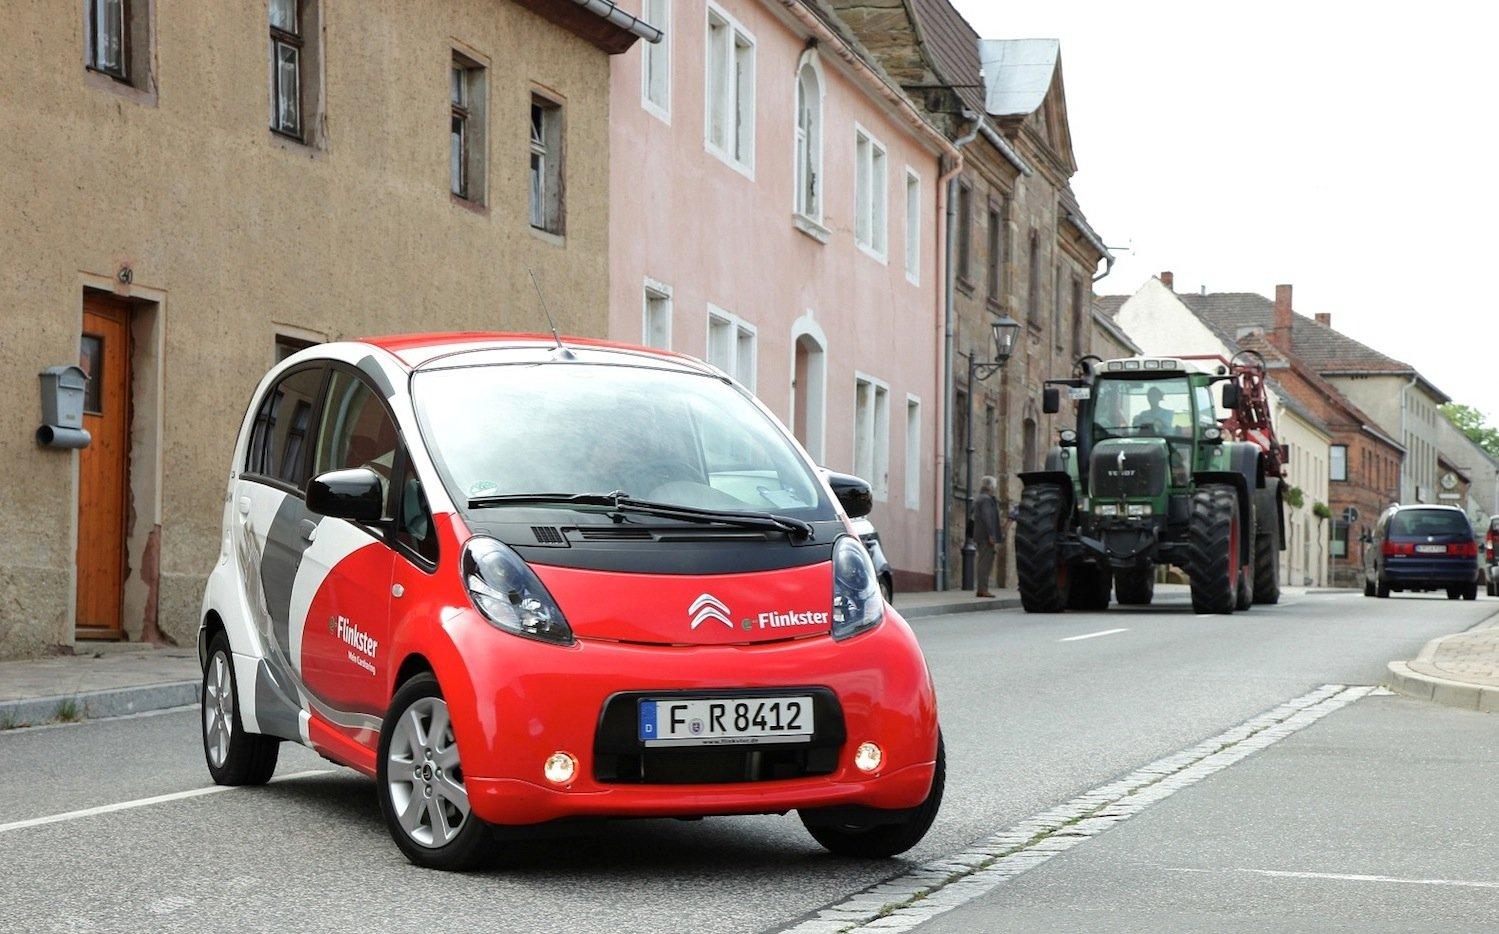 Die Bahn hat inzwischen eine Carsharing-Flotte von 7000 Fahrzeugen in über 300 Städten mit Hilfe auch von Partnern wie Car2go aufgebaut. Künftig will die Bahn auch eine Flotte von autonom fahrenden Autos betreiben, die zum Beispiel Fahrgäste auf dem Land abholen und zum Bahnhof fahren.